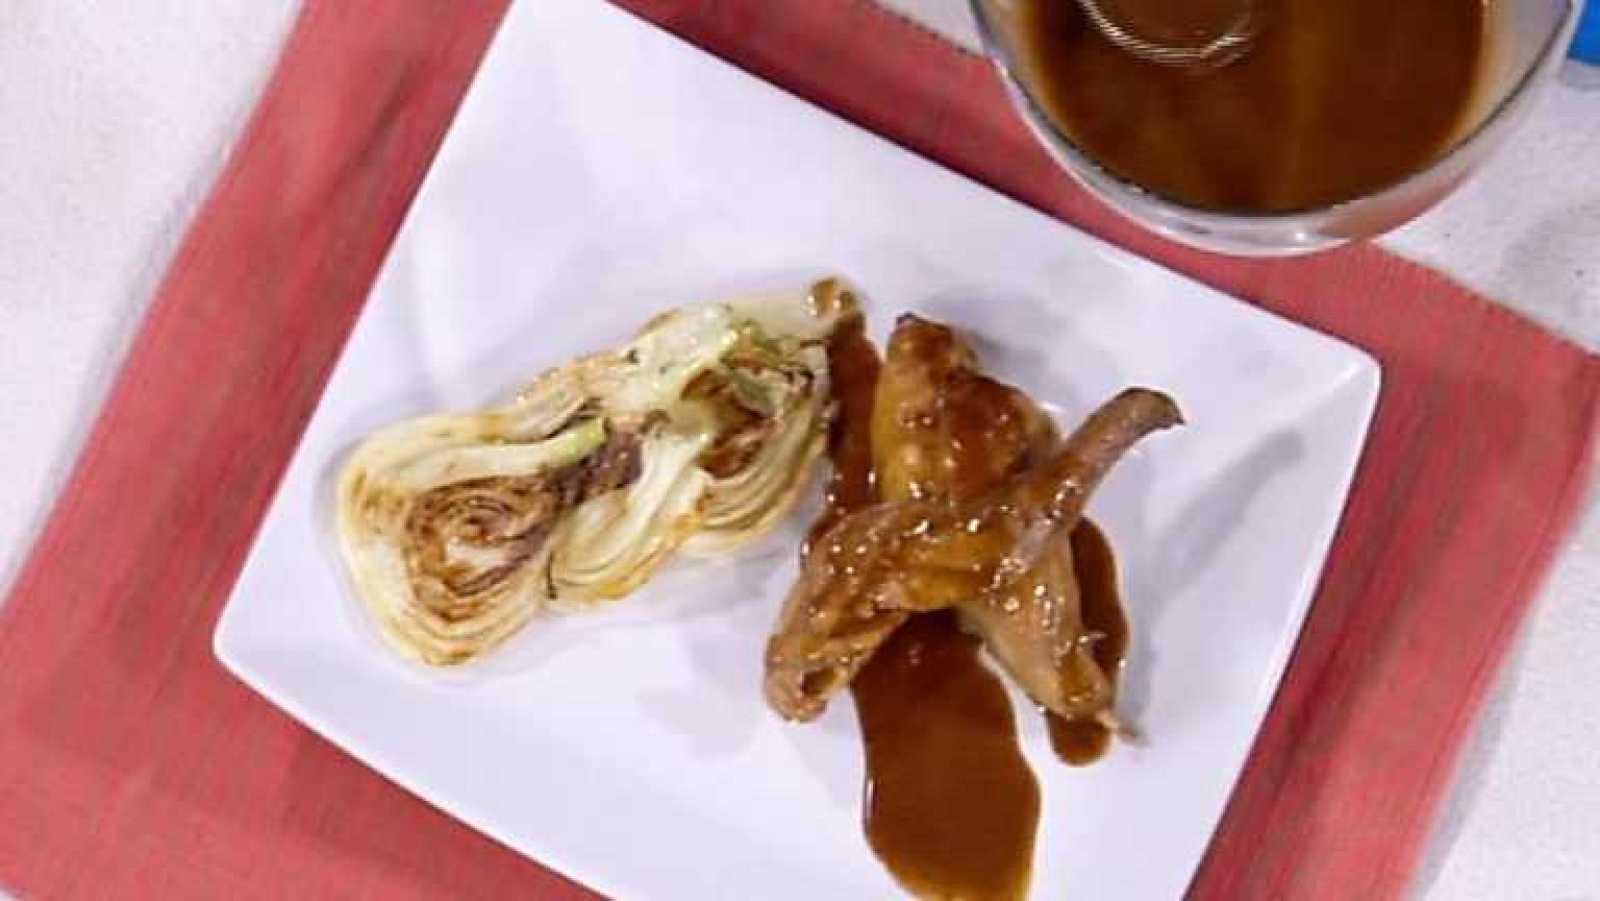 Www.rtve.es Cocina Con Sergio | Cocina Con Sergio Conejo Guisado Al Limon Y Chocolate Rtve Es